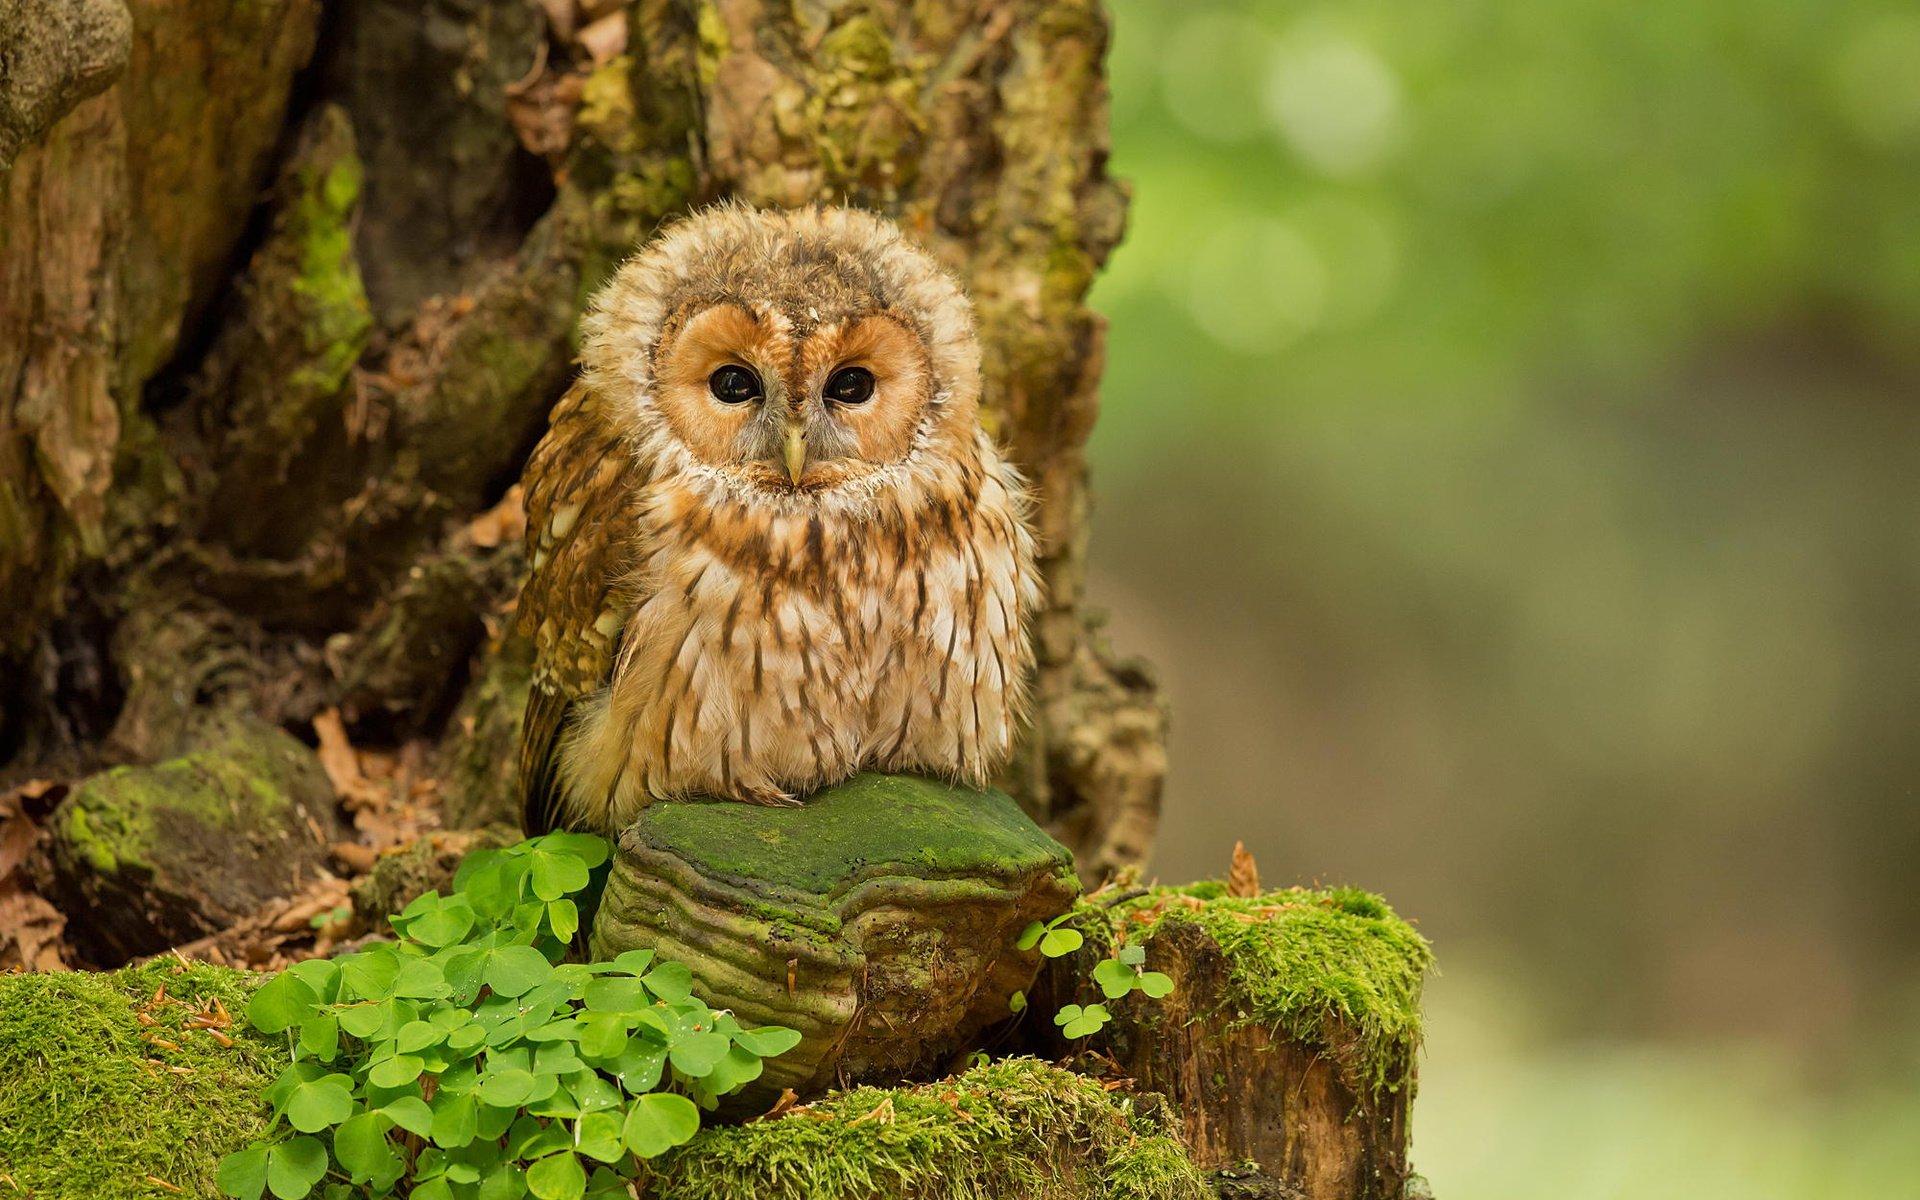 желание прикольные фотографии птиц и животных в лесу прежде, дембеля